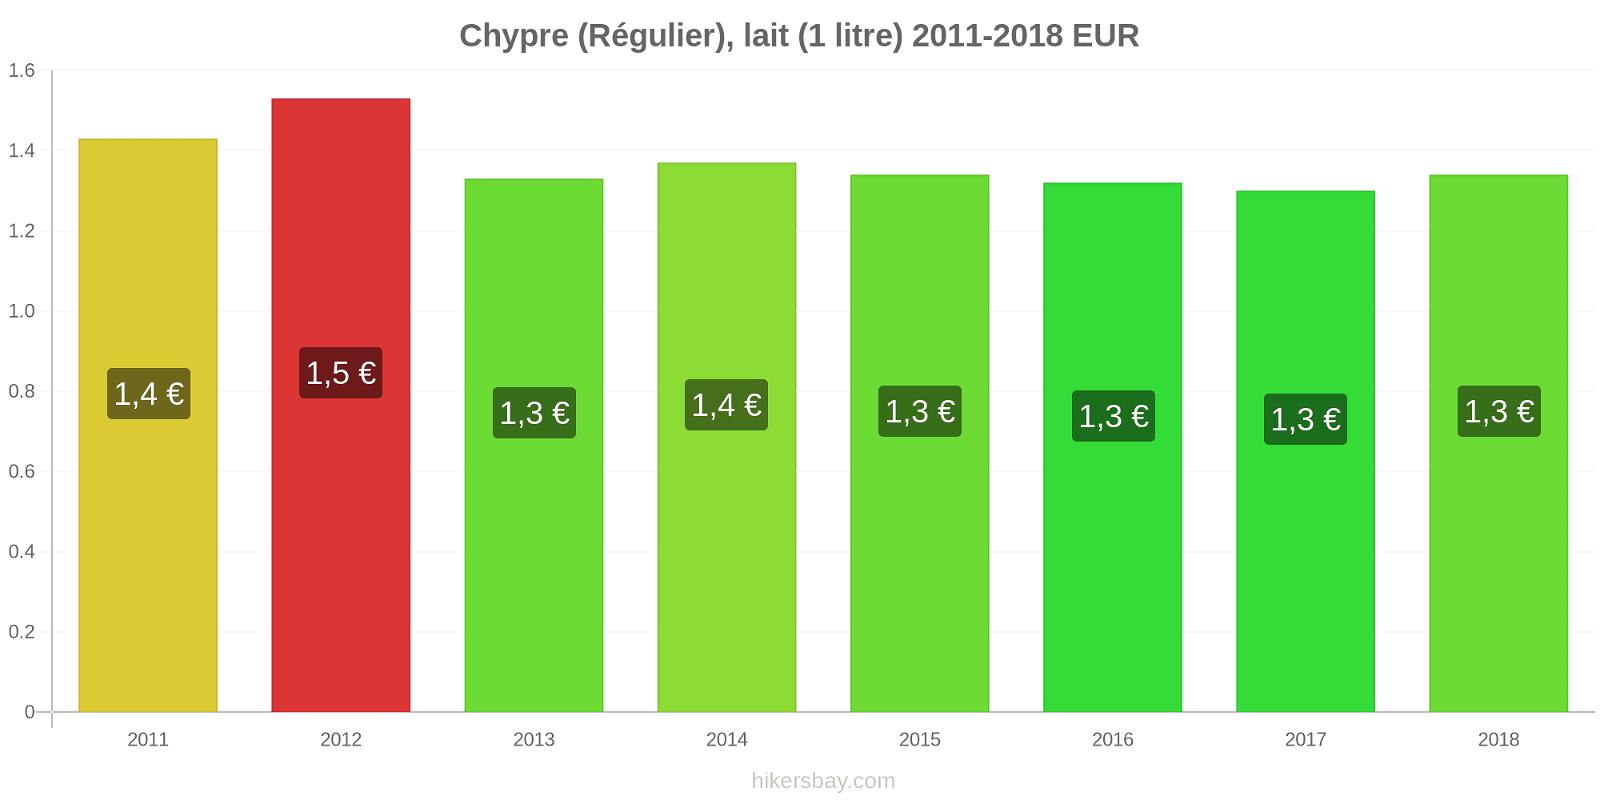 Chypre changements de prix (Régulier), lait (1 litre) hikersbay.com